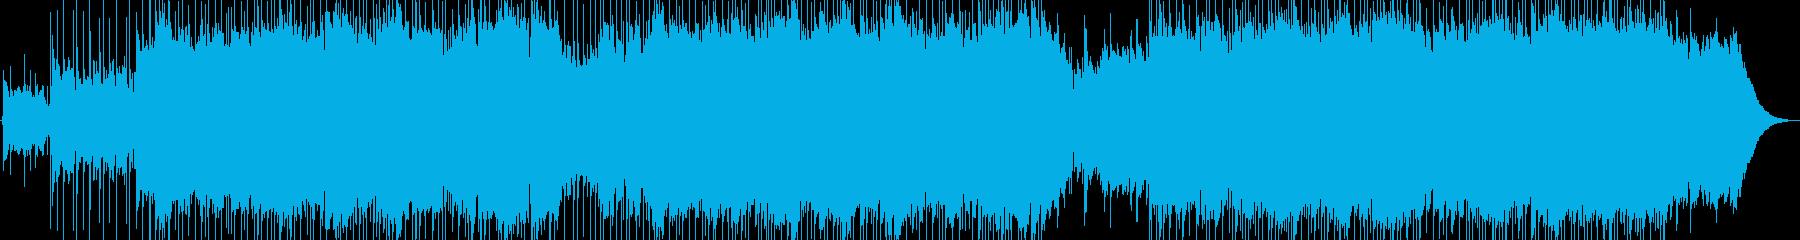 サンセットビーチで聴きたいウクレレソングの再生済みの波形